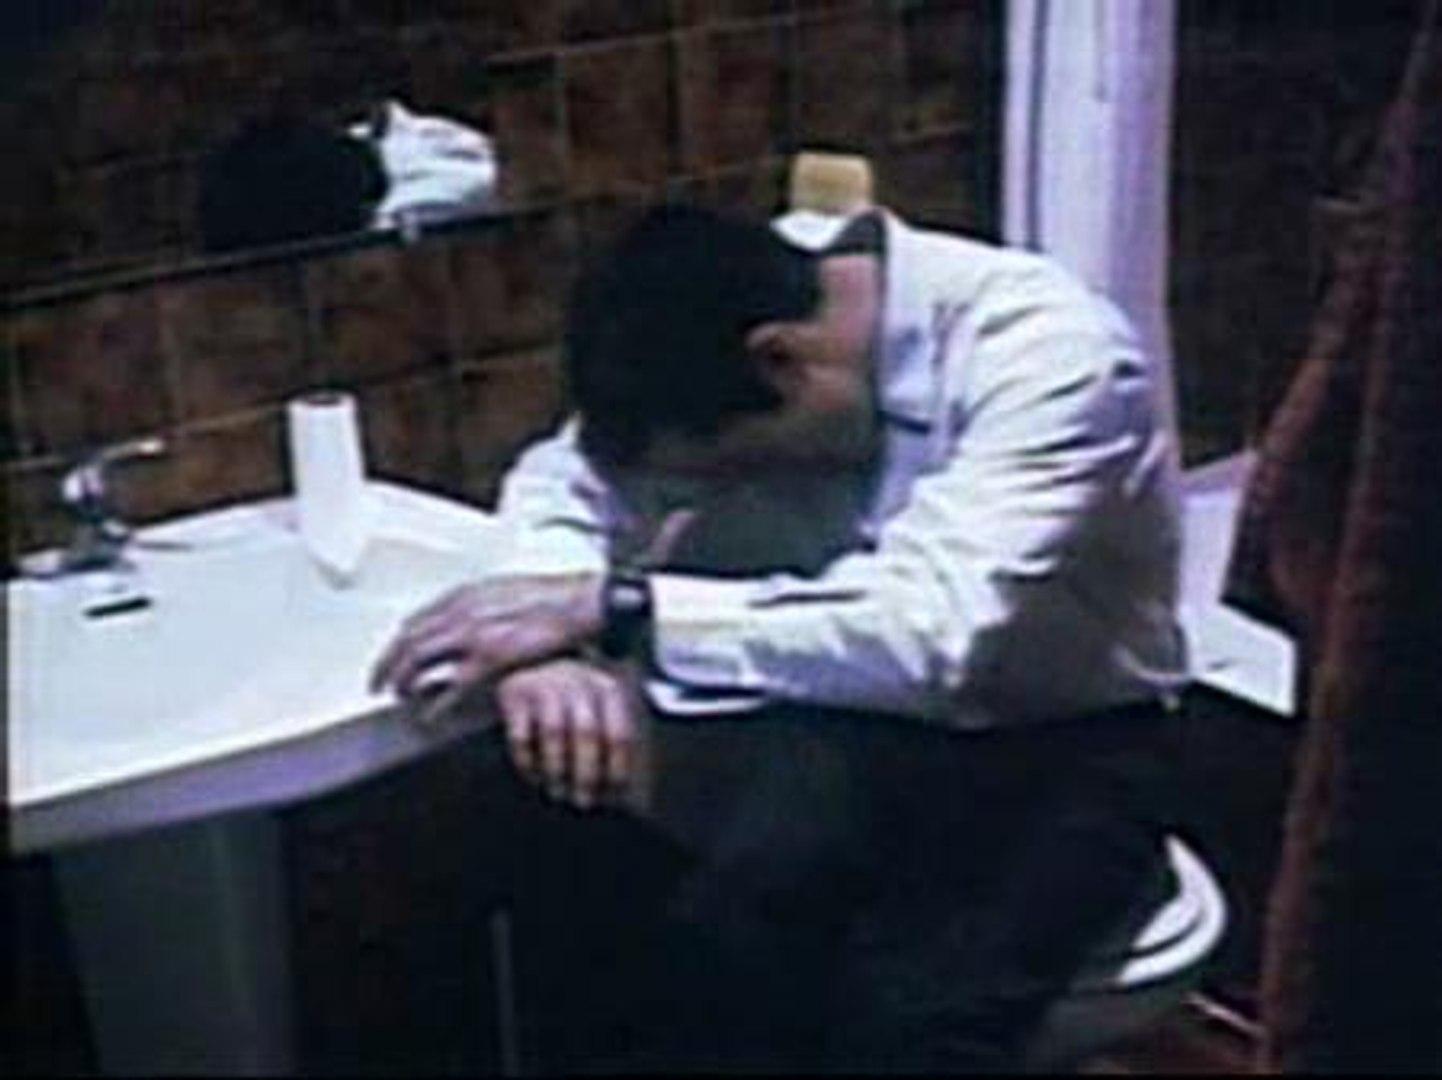 Sorprendente reconstrucción del asesinato de Nagore en 2008 durante la primera sesión del juicio